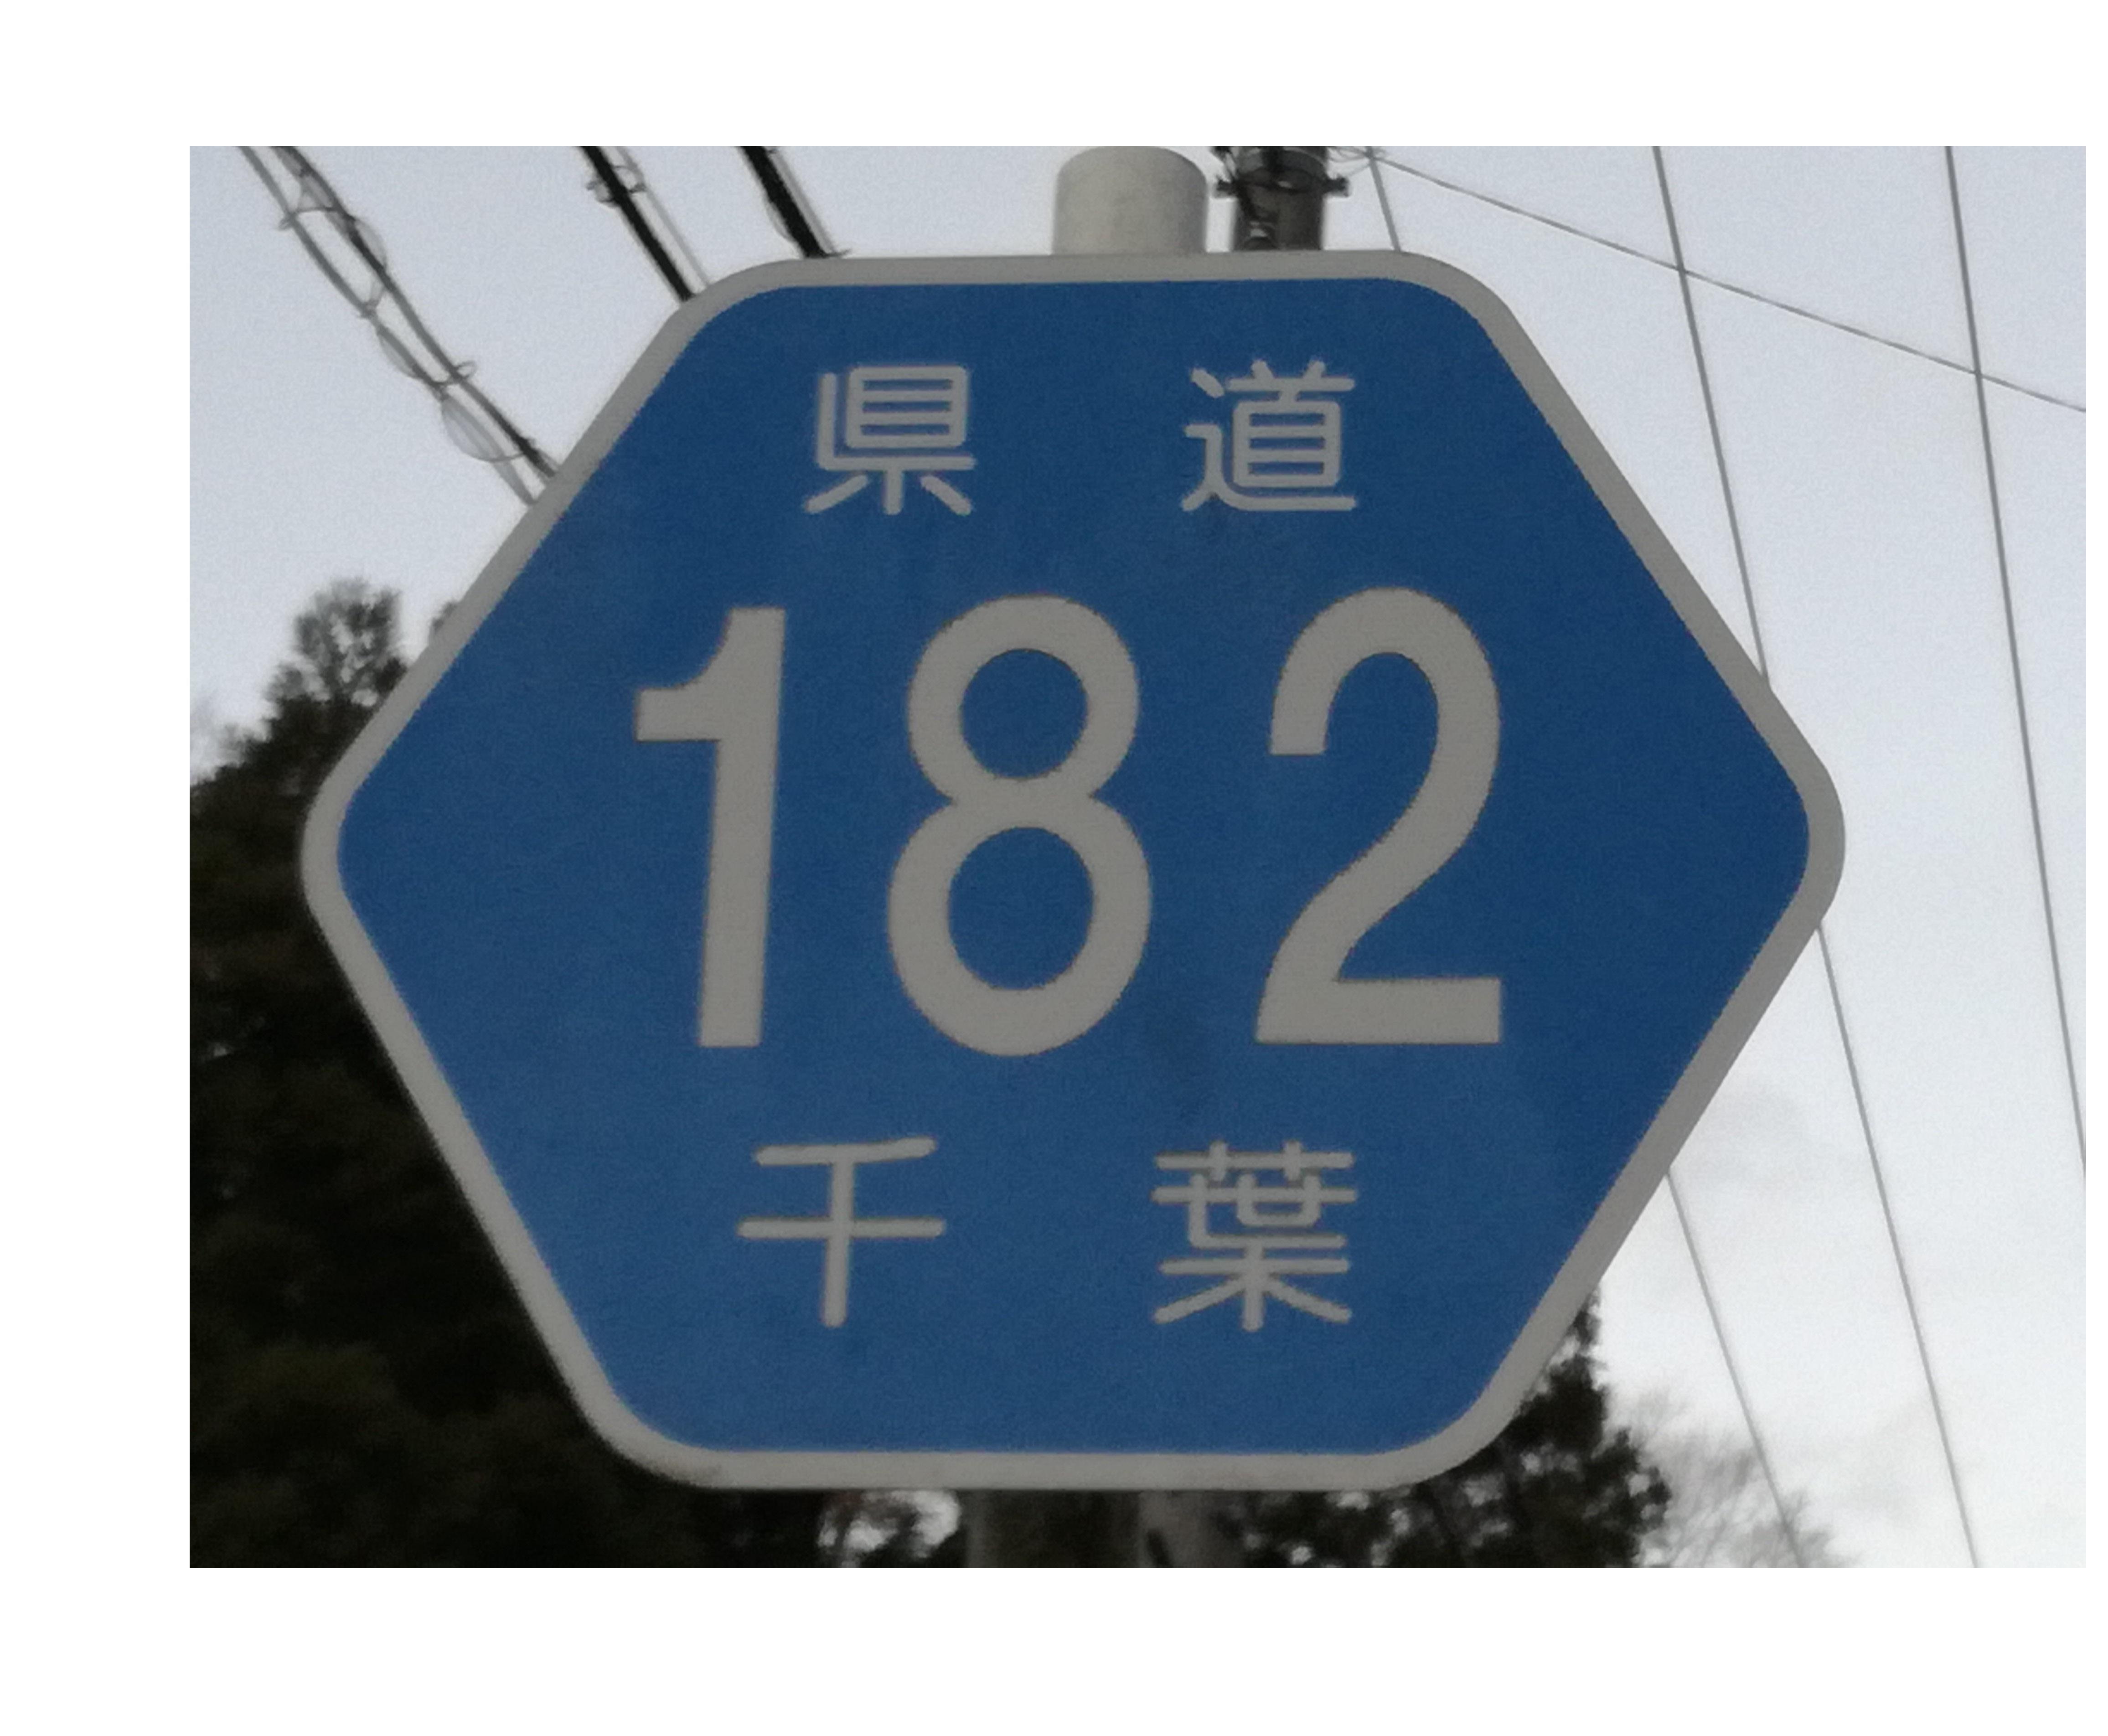 【もみじロード】北上ルート  千葉県道182号